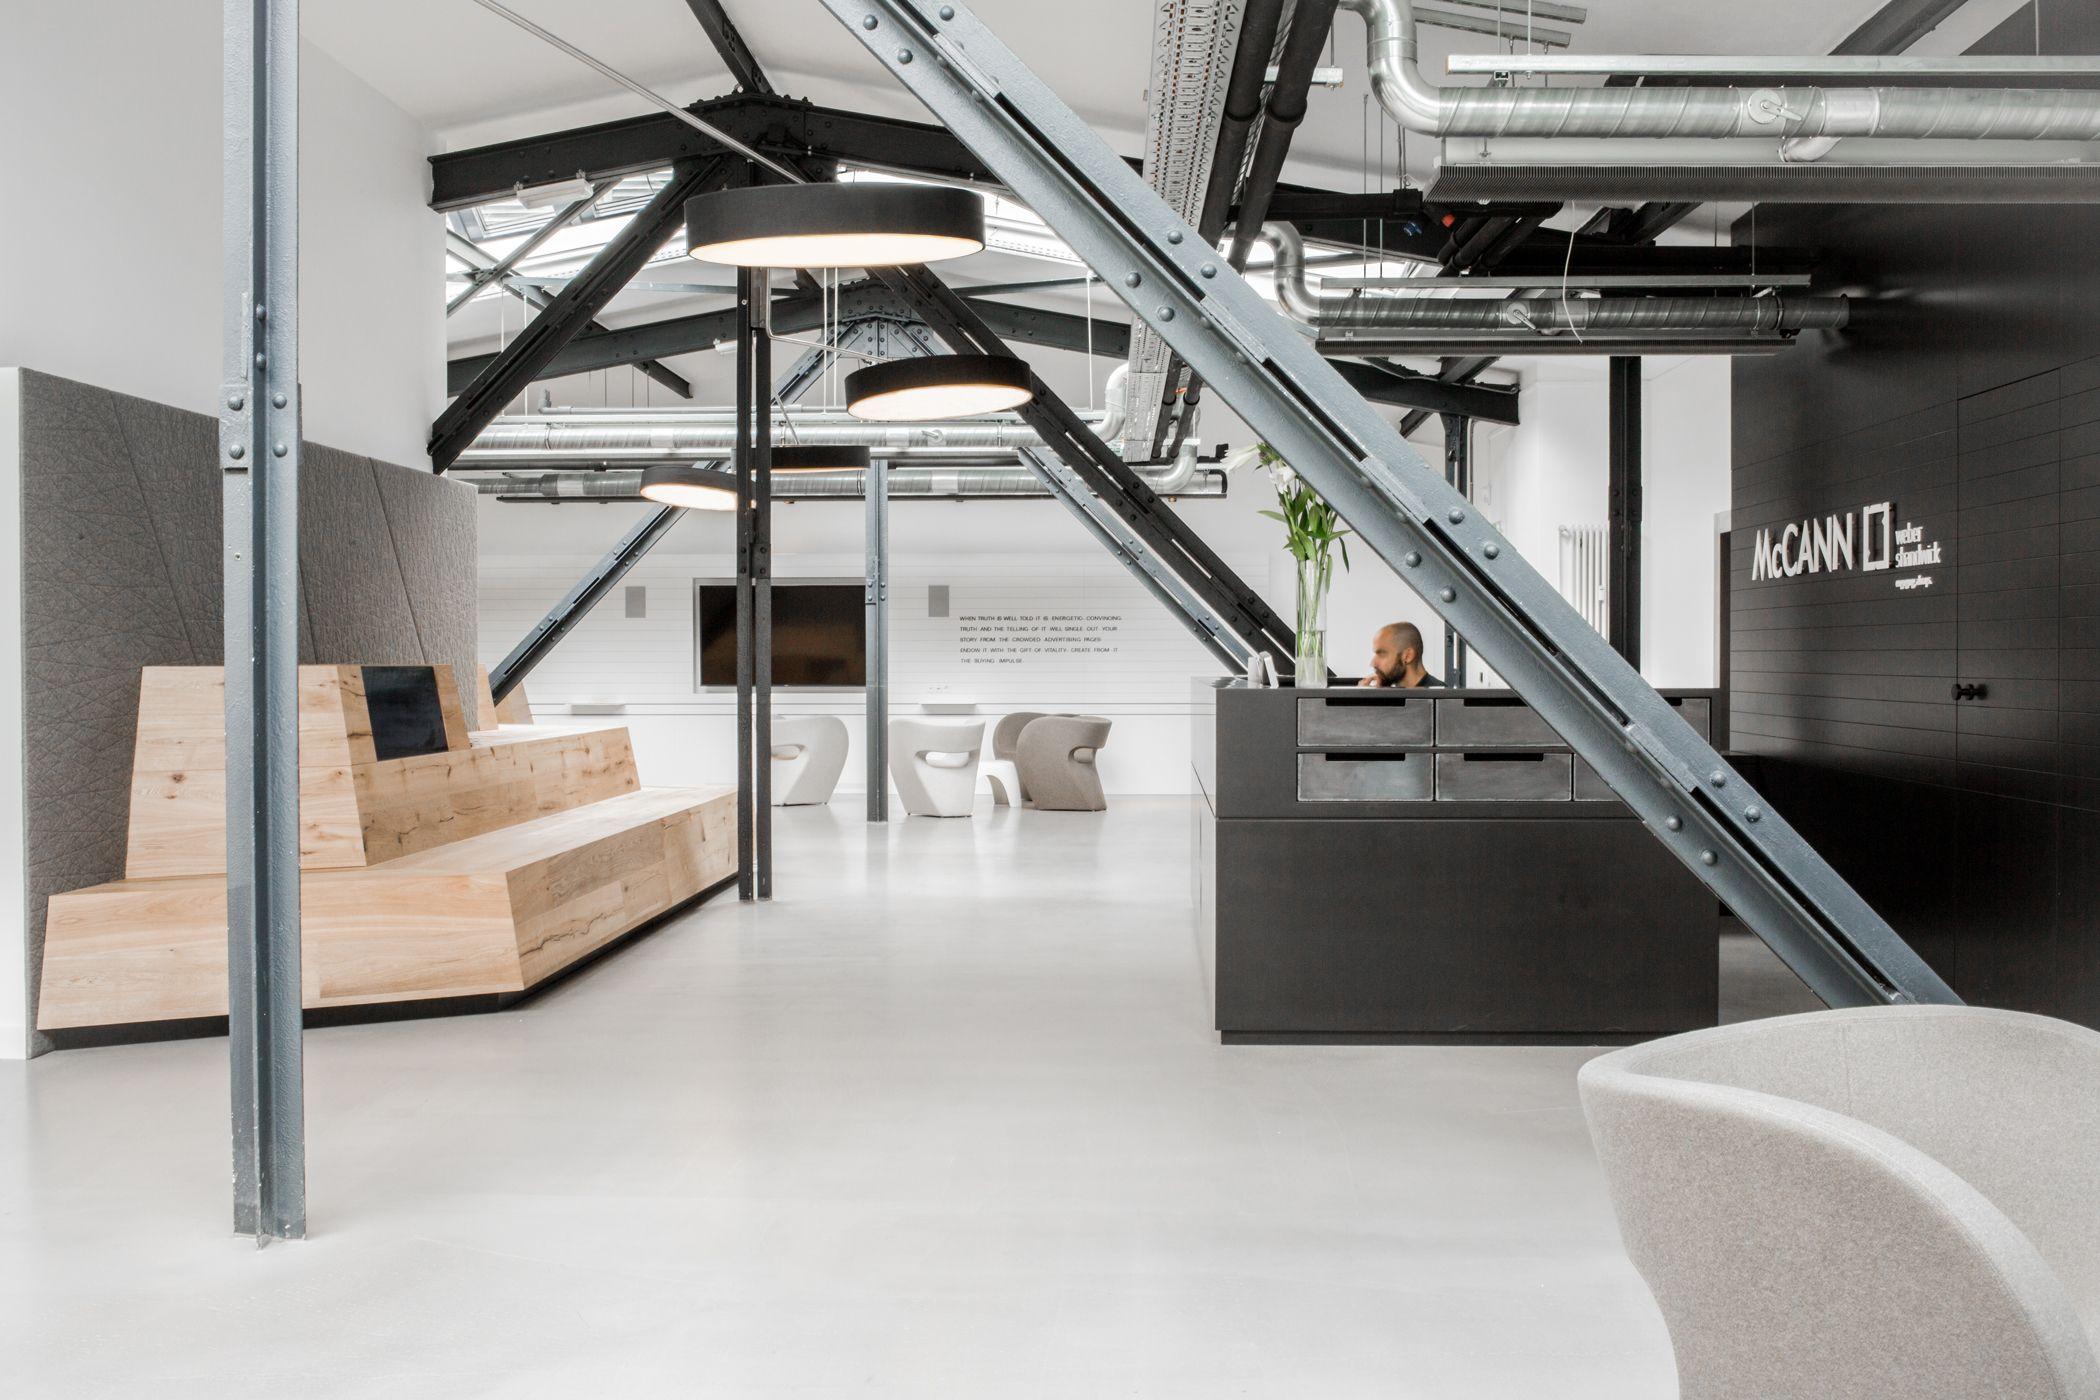 Empfangsbereich mit einer Sitztreppe aus Holz und im Kontrast dazu eine schwarze Theke